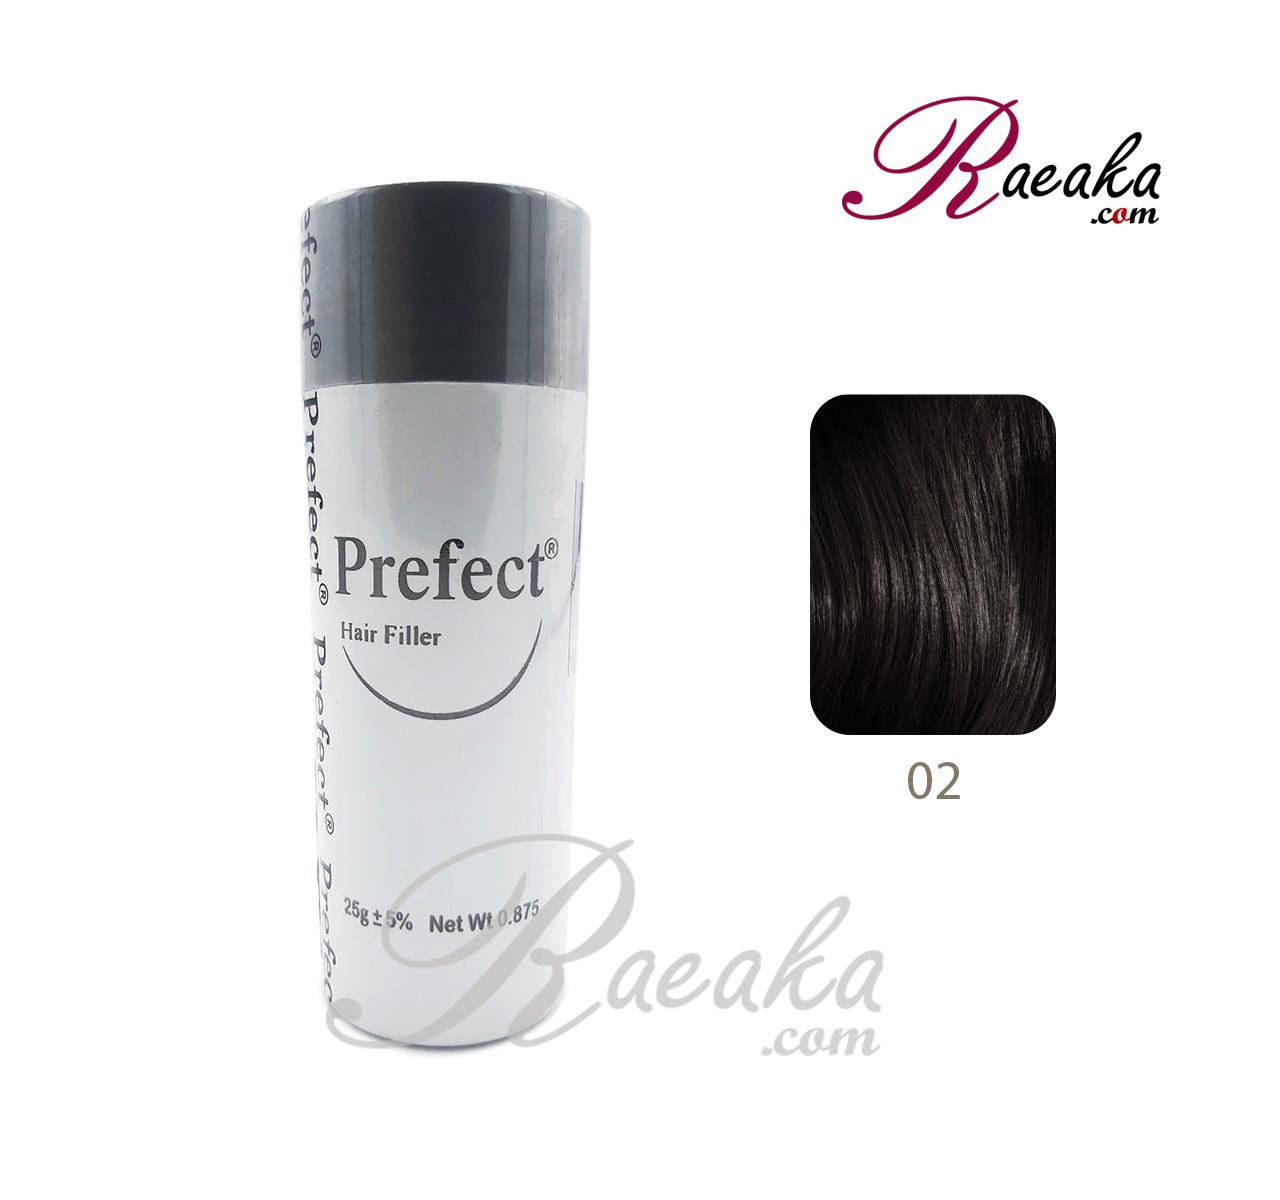 پودر پرپشت کننده مو پرفکت کد 02 - مشکی (Black) وزن خالص 25 گرم